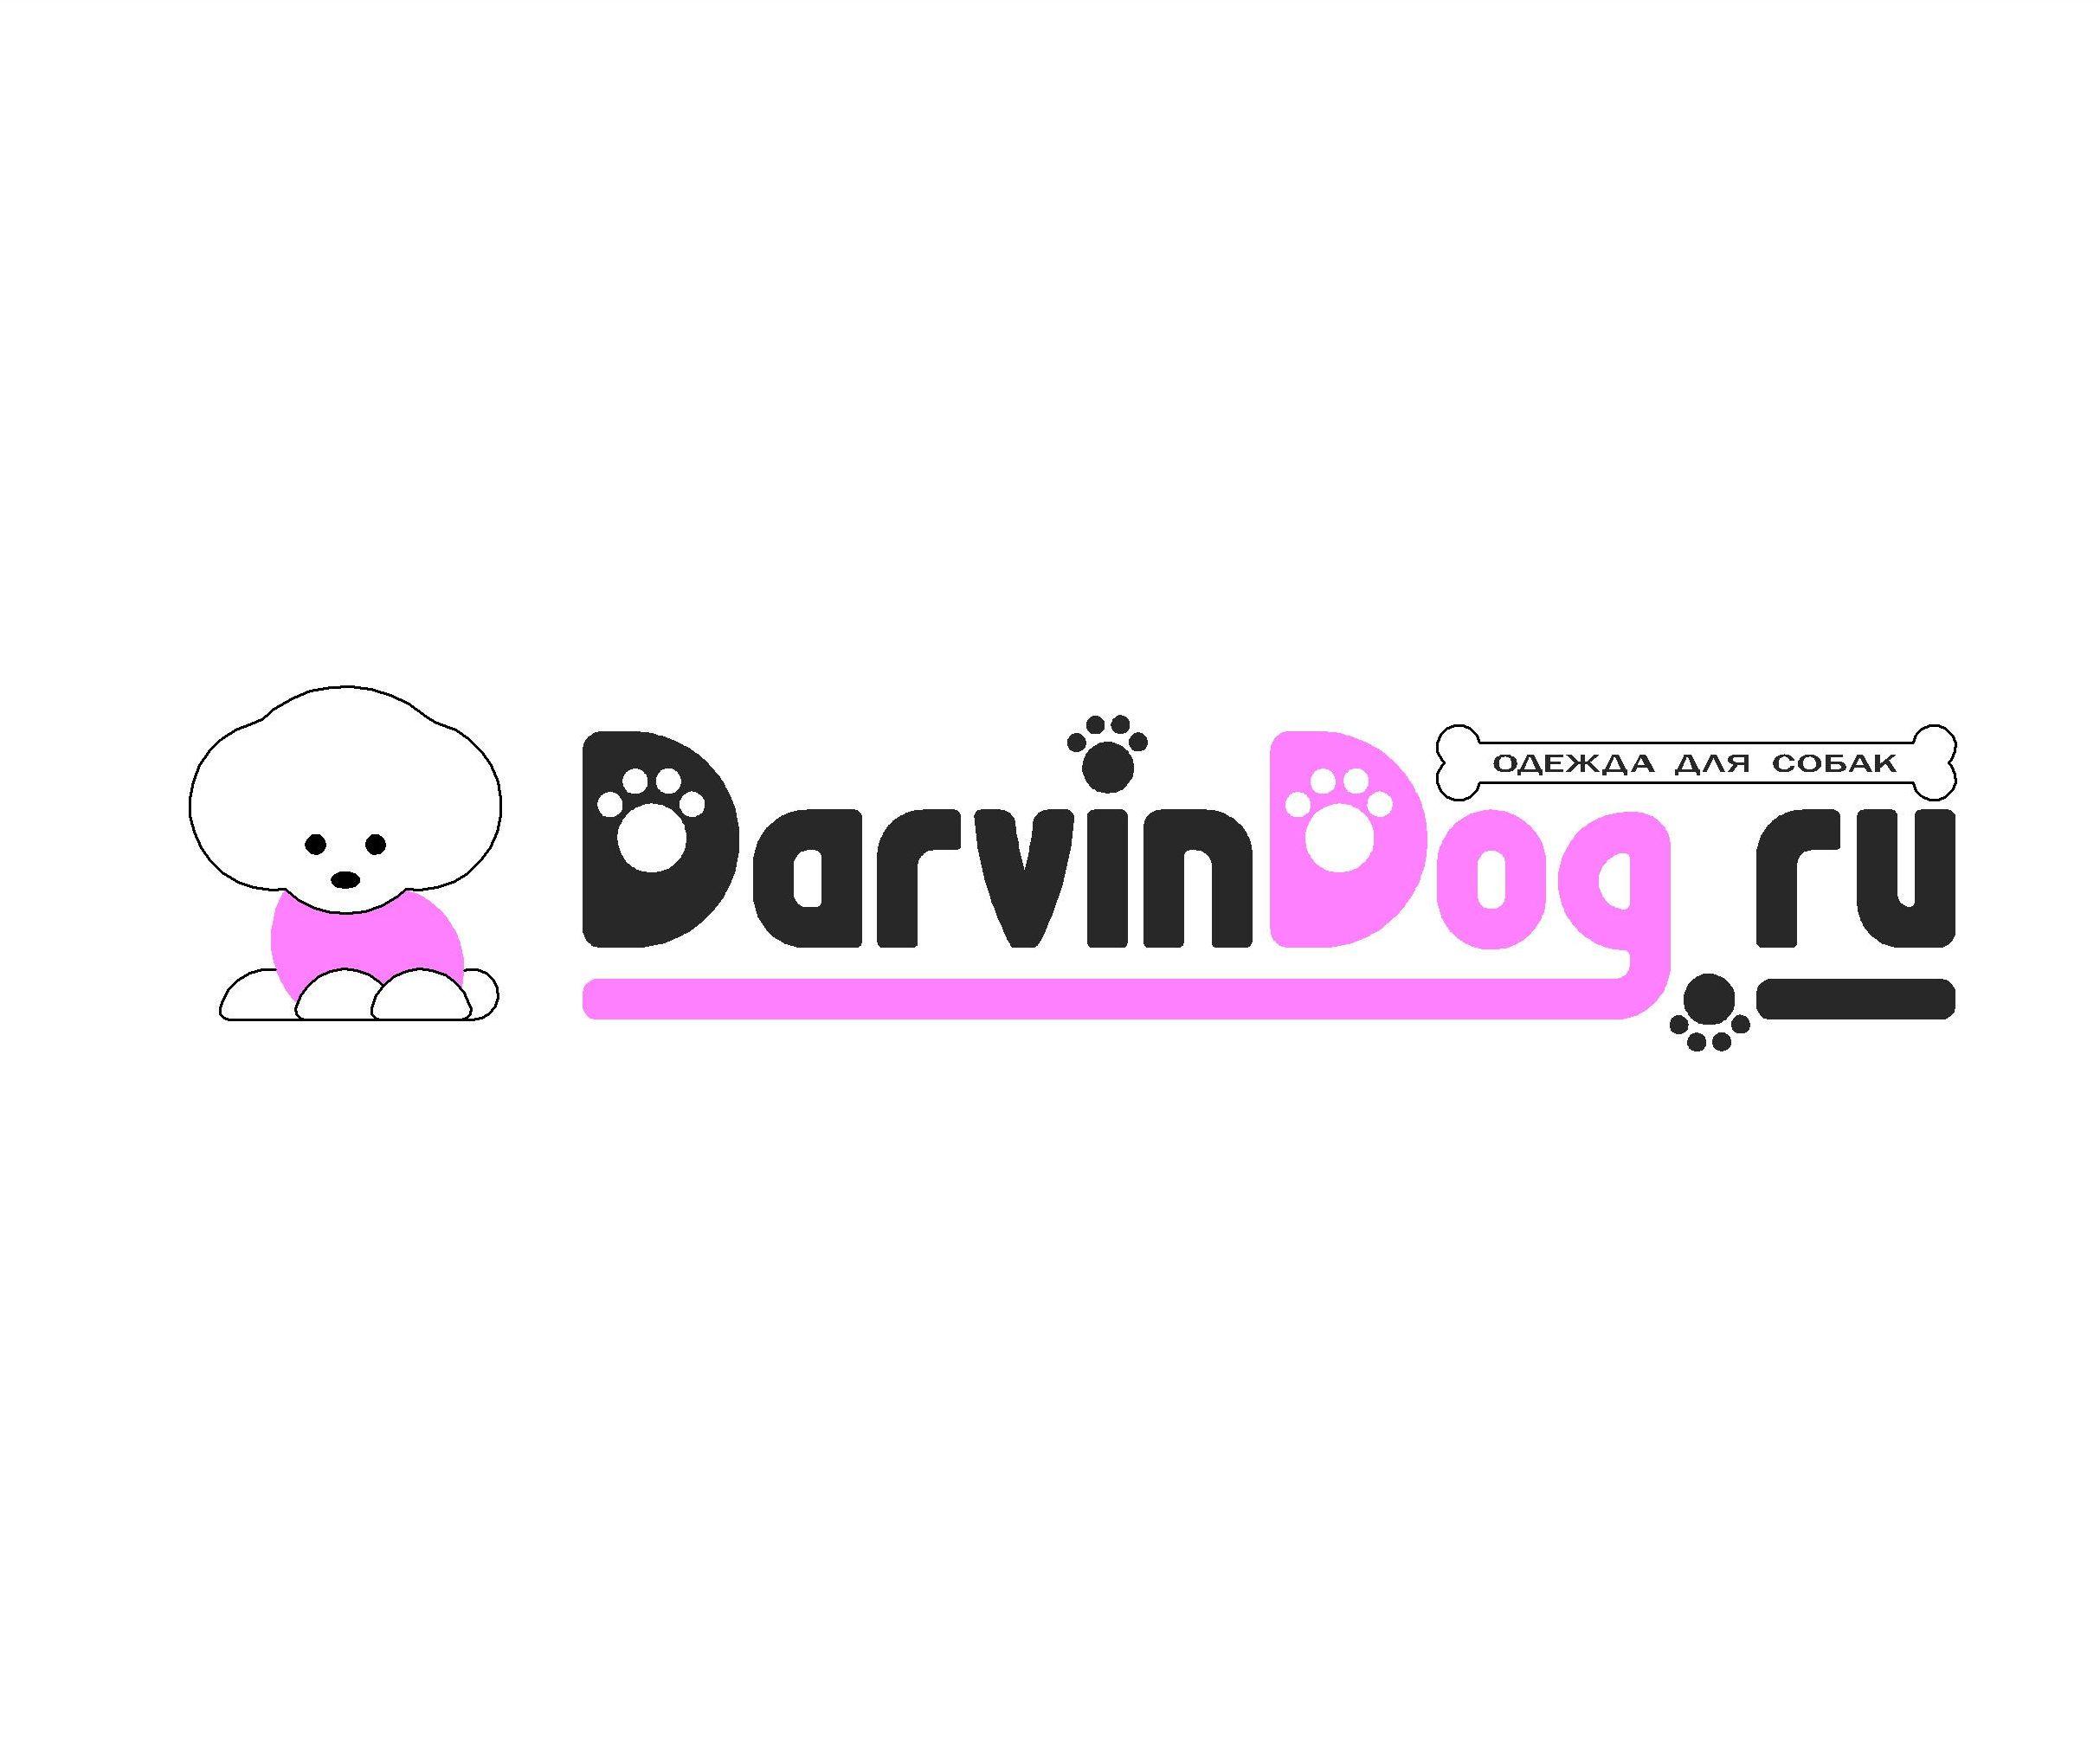 Создать логотип для интернет магазина одежды для собак фото f_209564c2dd1c3491.jpg